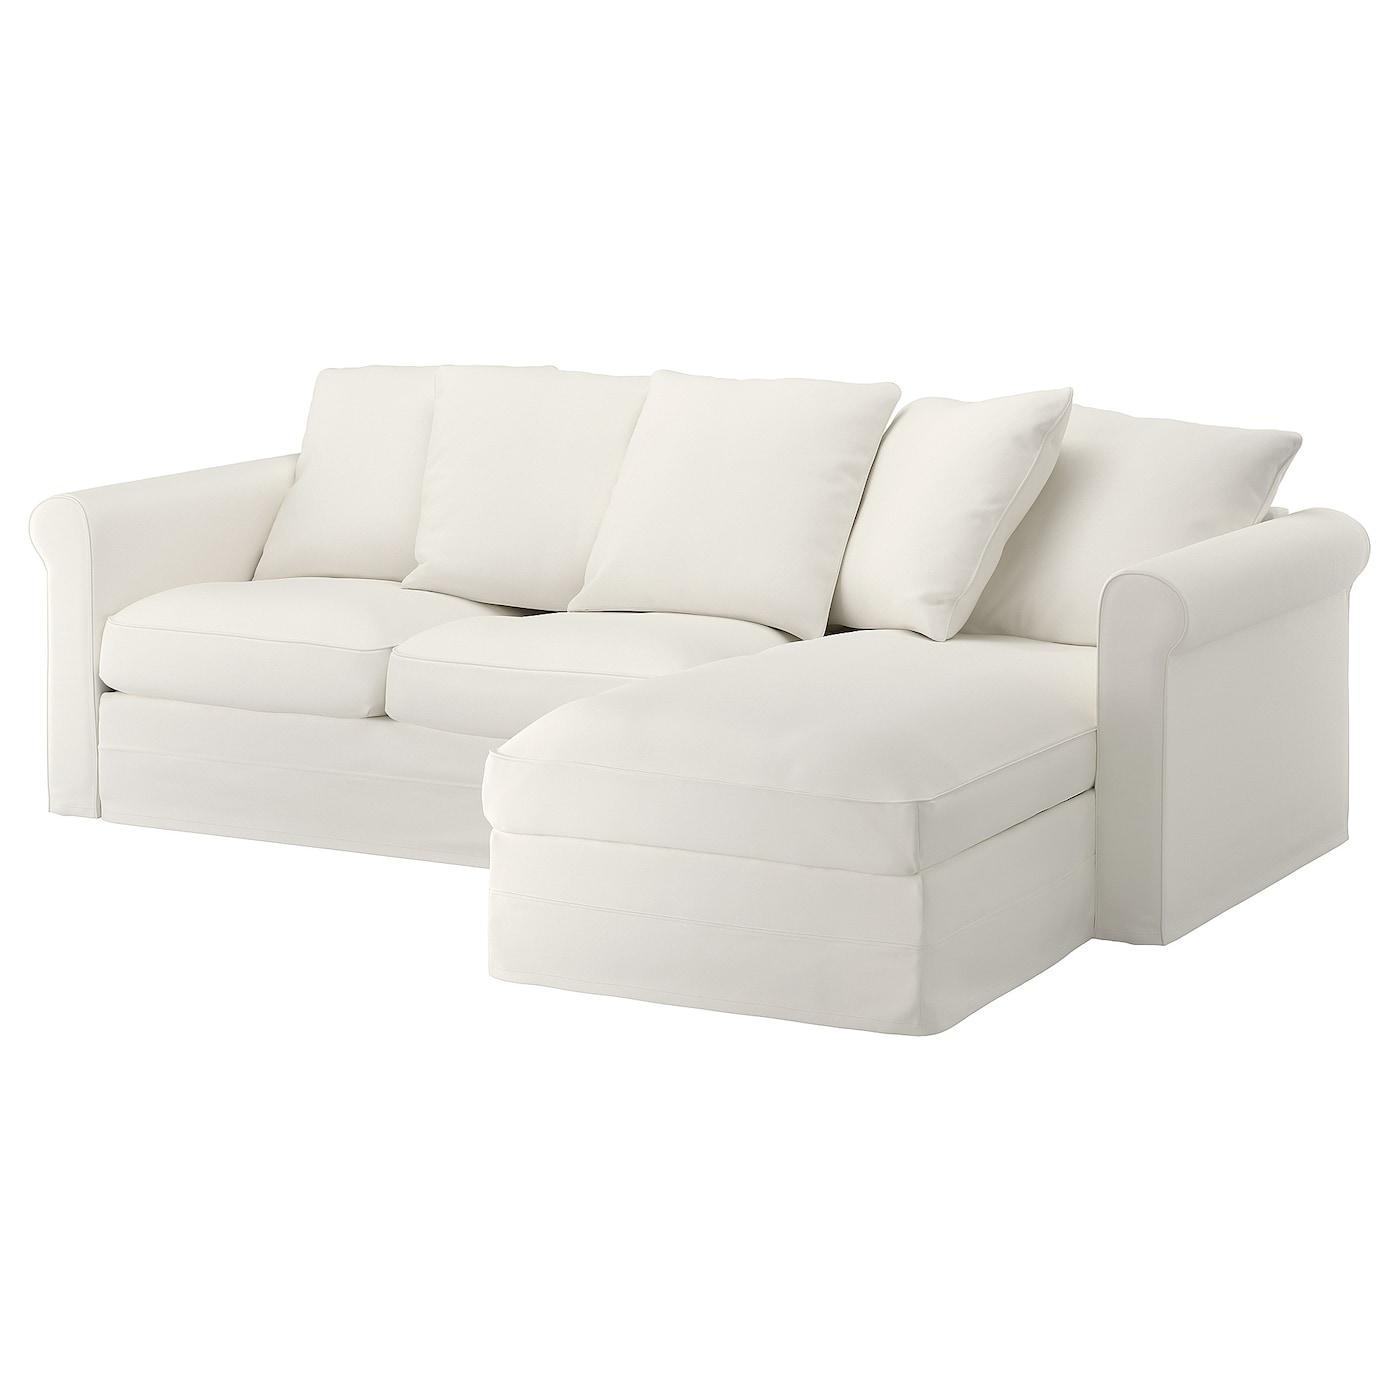 Full Size of Ikea Sofa Mit Schlaffunktion Ecksofa Gebraucht Grau L Couch Ektorp Und Bettkasten Bettfunktion 3er Grnlid Rcamiere Küche Sideboard Arbeitsplatte Erpo Bett Sofa Ikea Sofa Mit Schlaffunktion